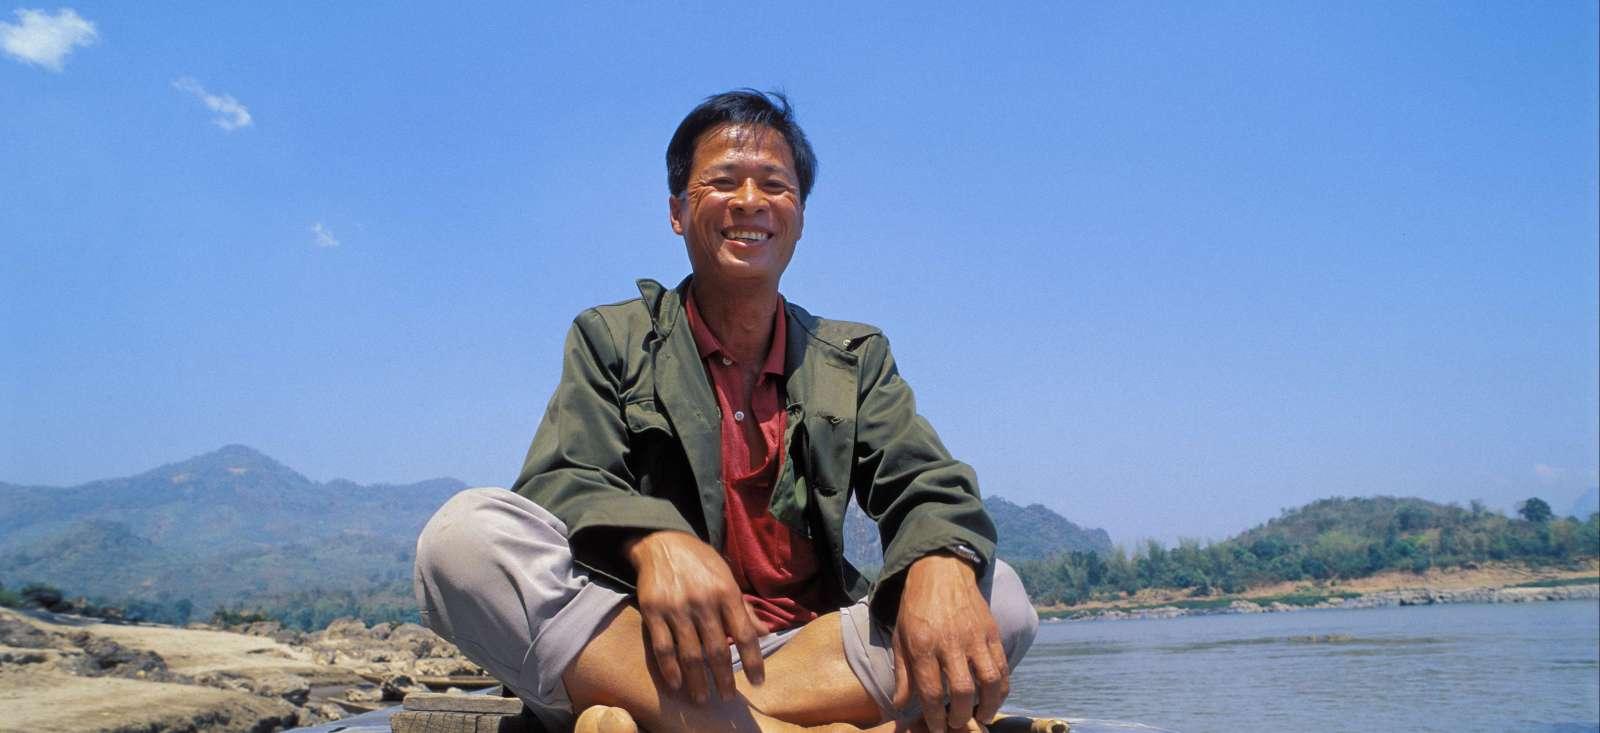 Voyage à pied : Au fil du Mékong